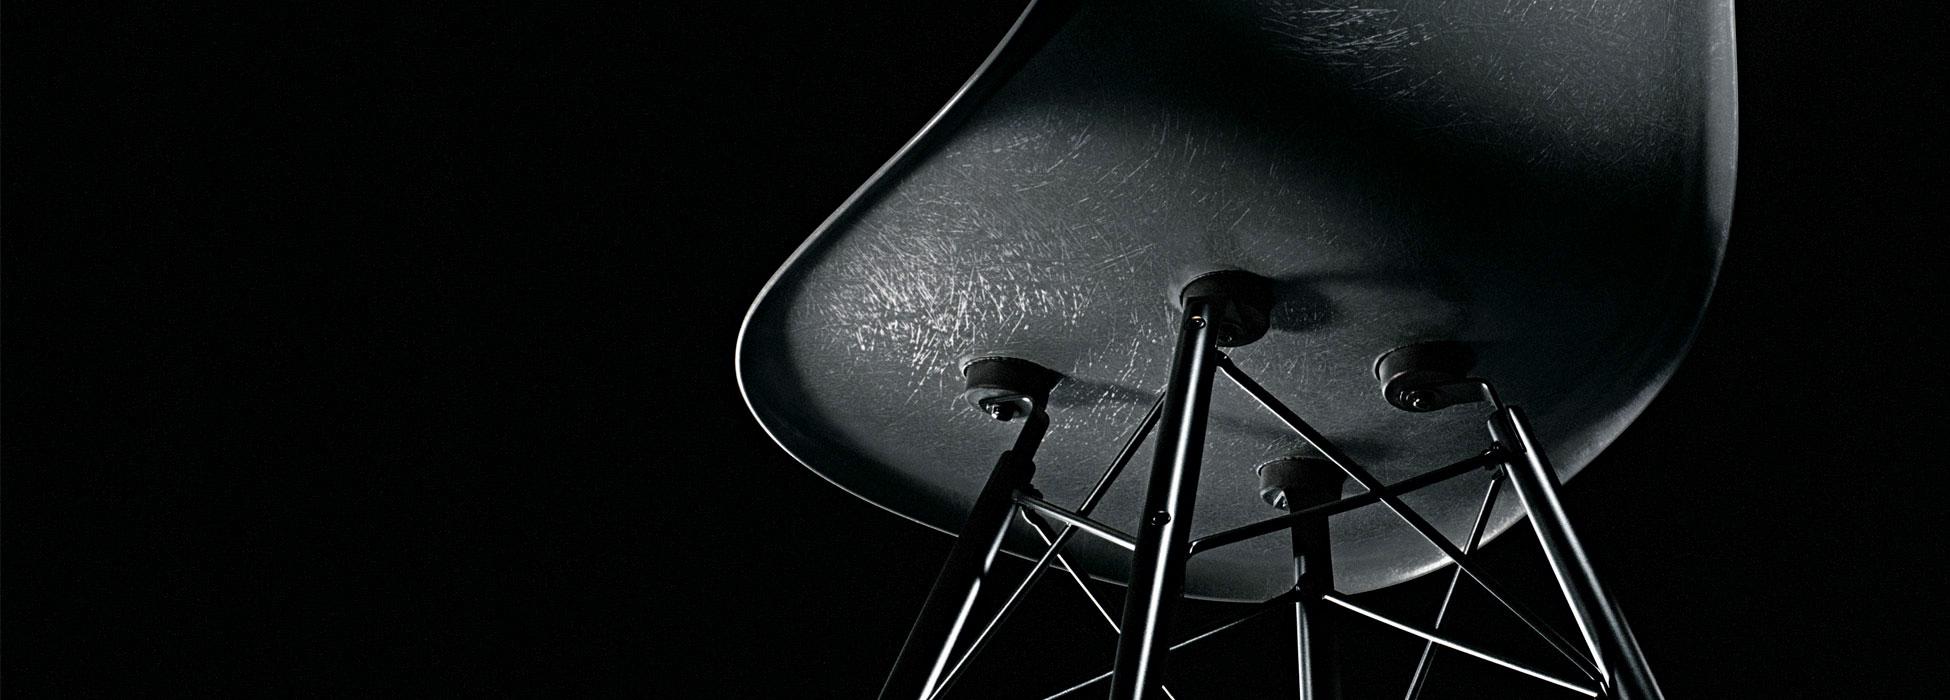 vitra-eames-fiberglass-chair-berlin-steidten+